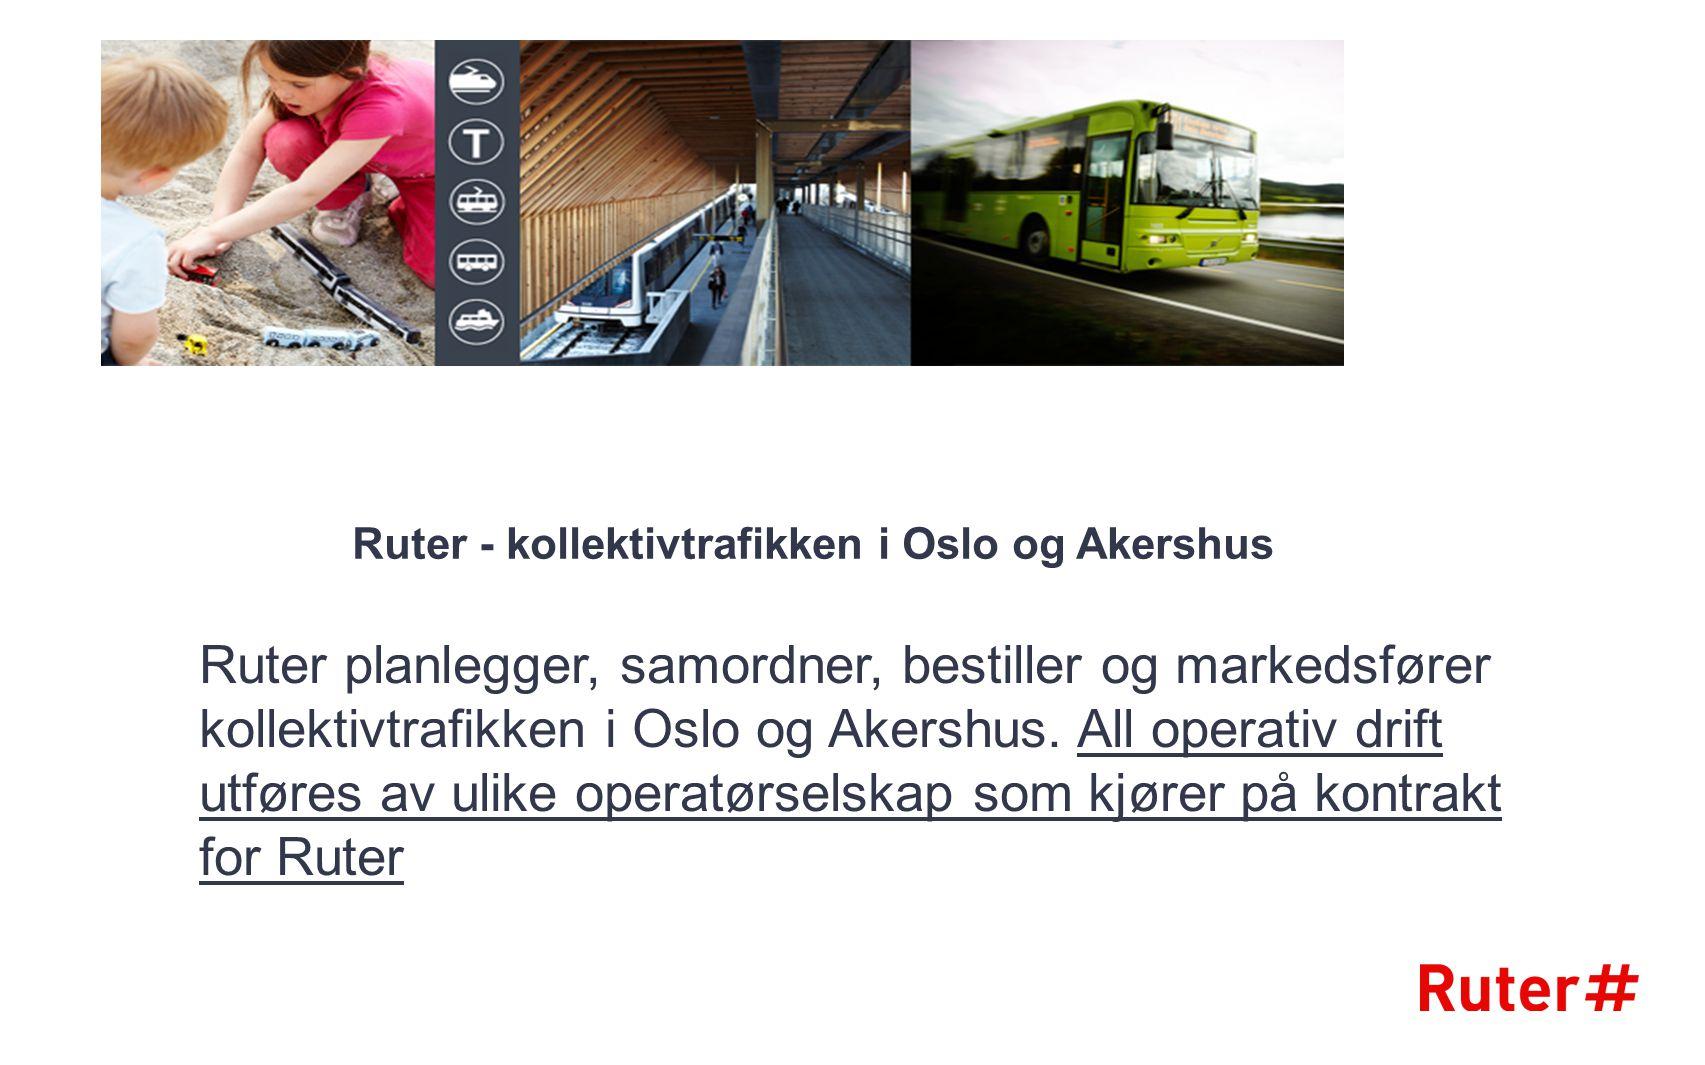 Ruter - kollektivtrafikken i Oslo og Akershus Ruter planlegger, samordner, bestiller og markedsfører kollektivtrafikken i Oslo og Akershus. All operat